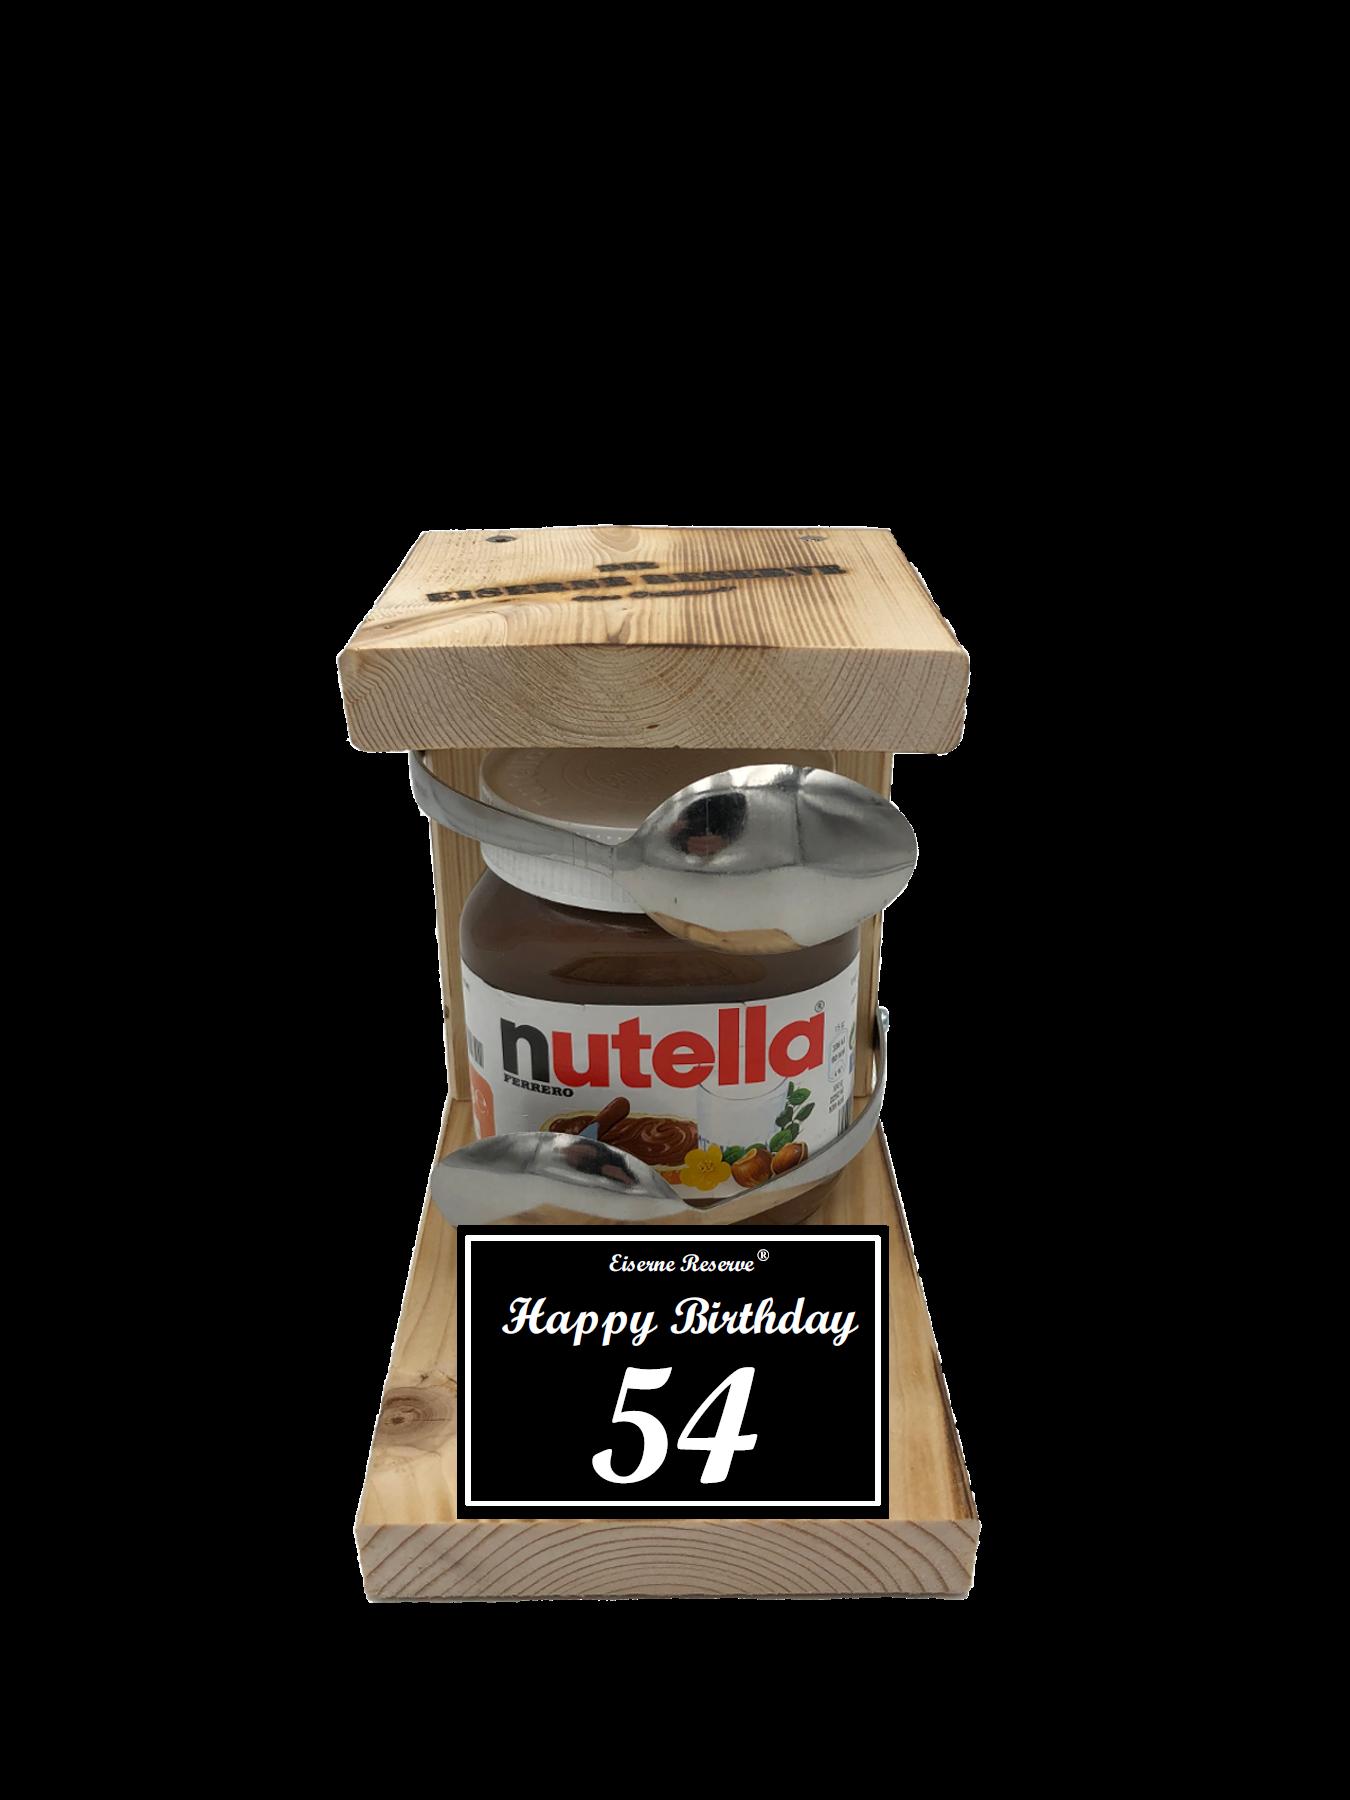 54 Happy Birthday Löffel Nutella Geschenk - Die Nutella Geschenkidee